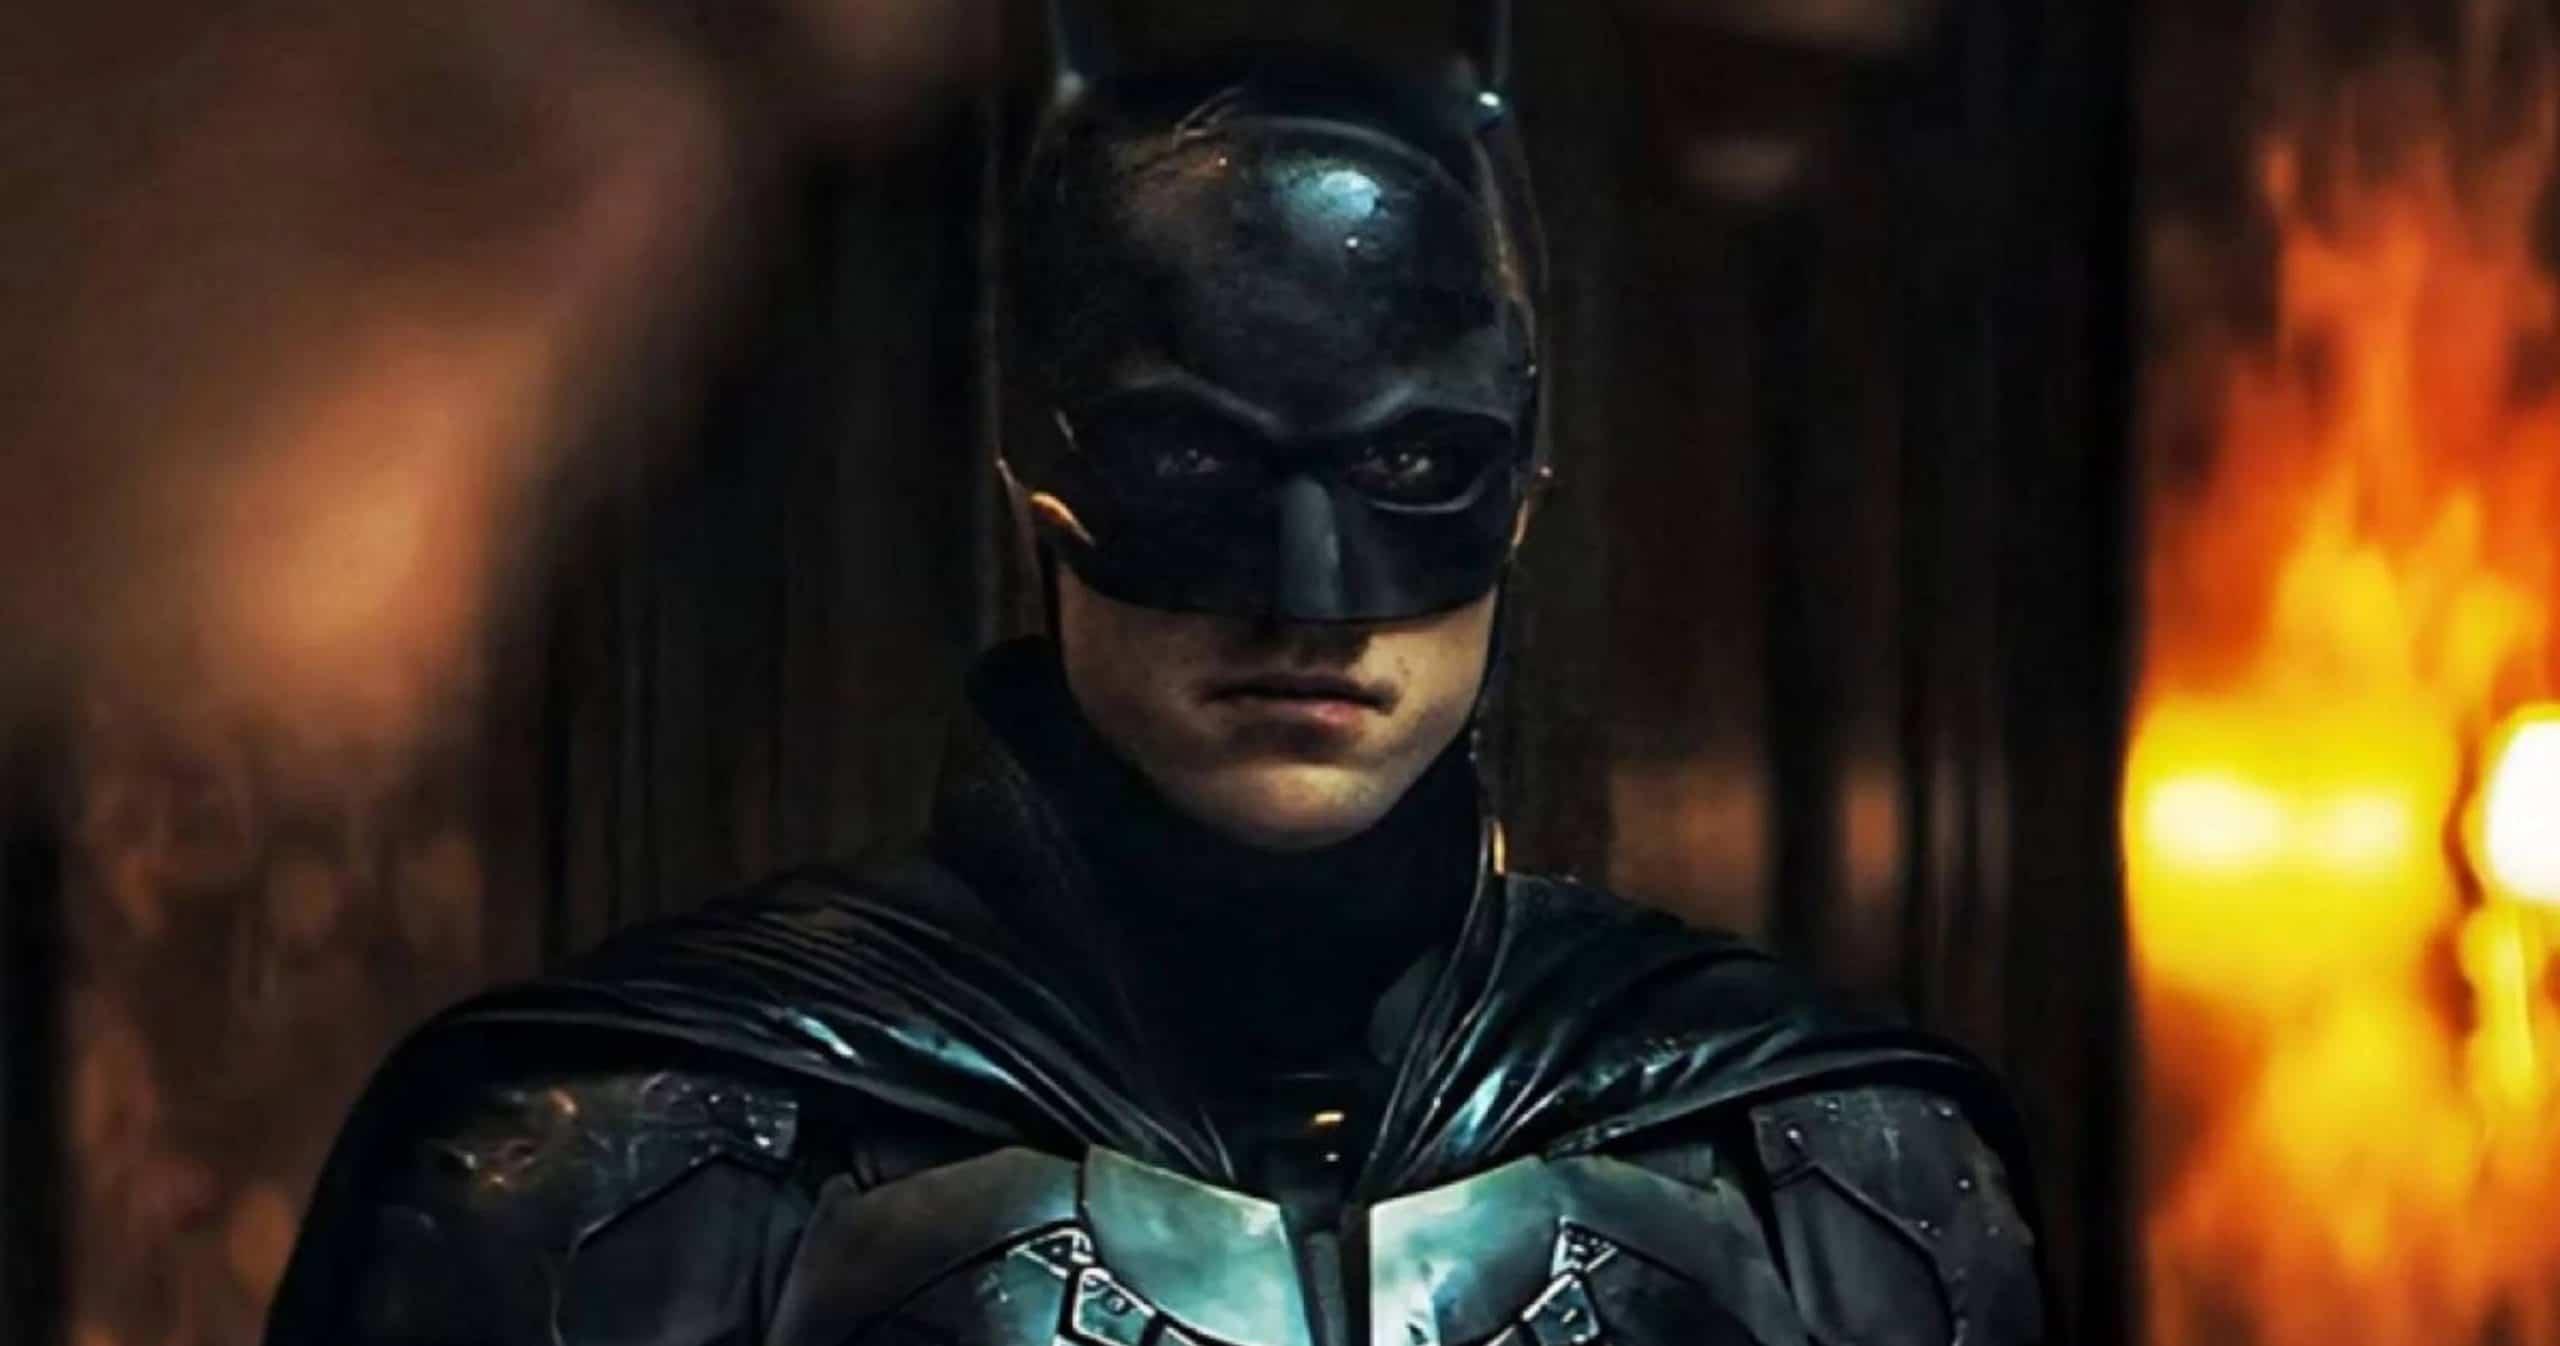 Tableau Batman dark Knight 3 GMMEgJdTableau Batman dark Knightdcd4d1b453179a58989f4b732c8248ae scaled